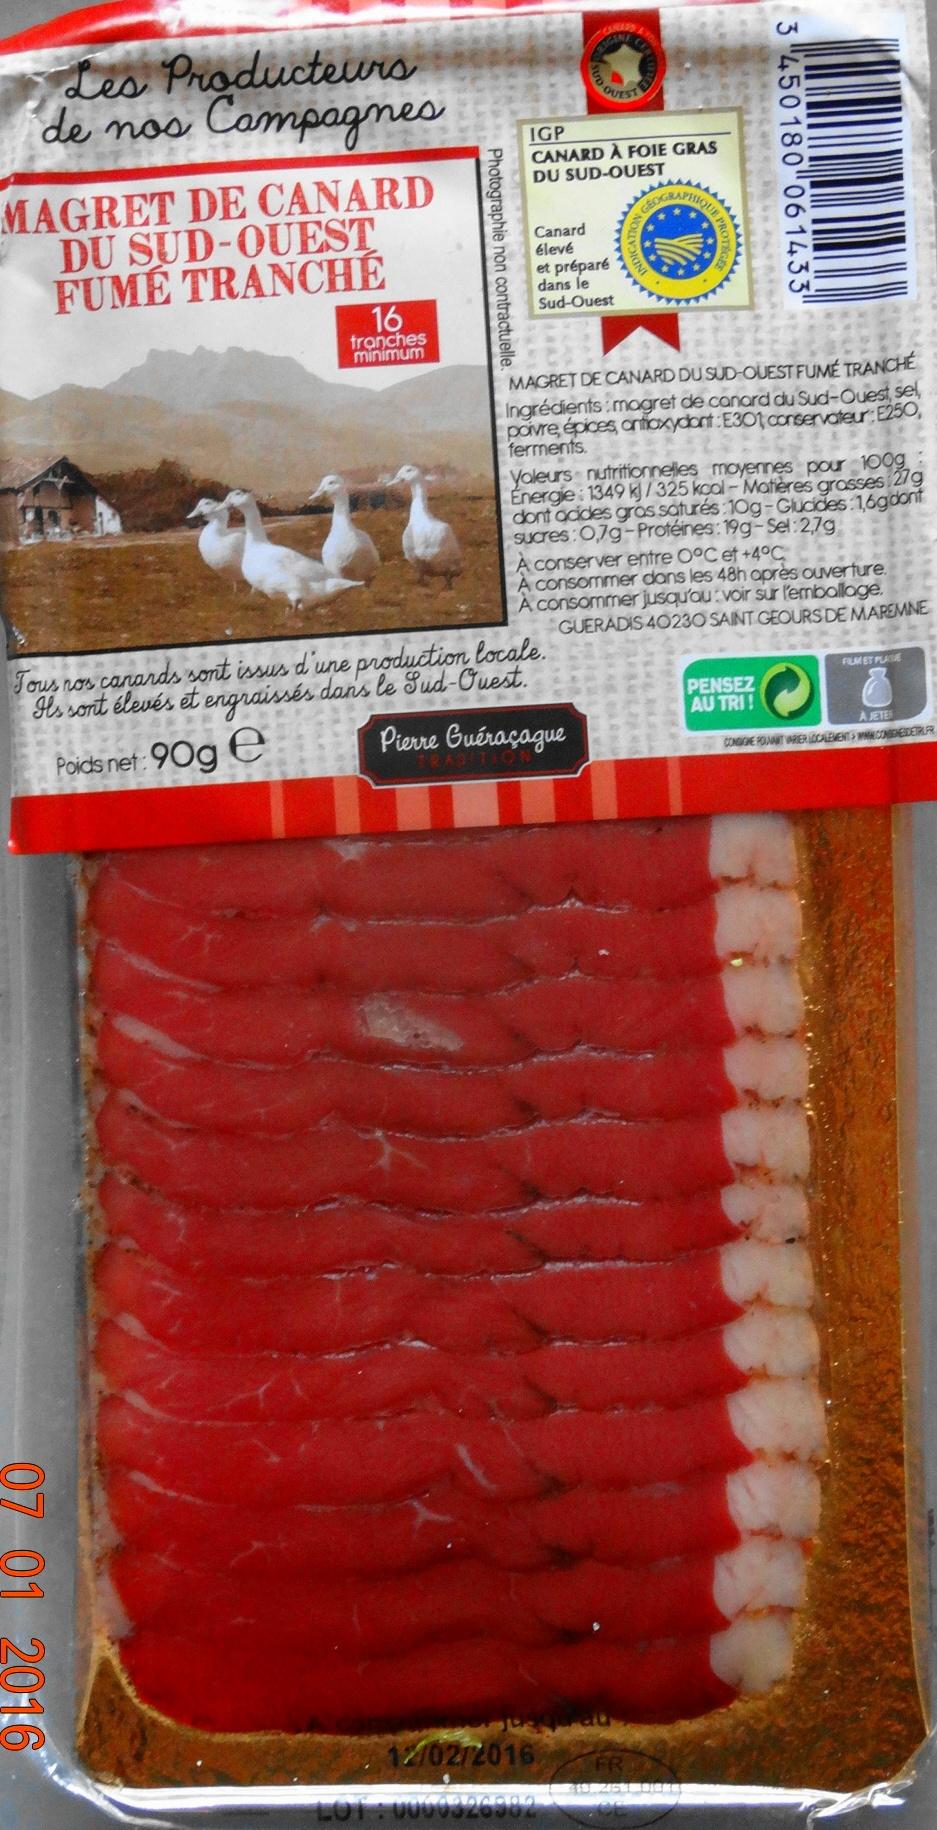 Magret de canard du Sud-Ouest fumé  tranché - Produit